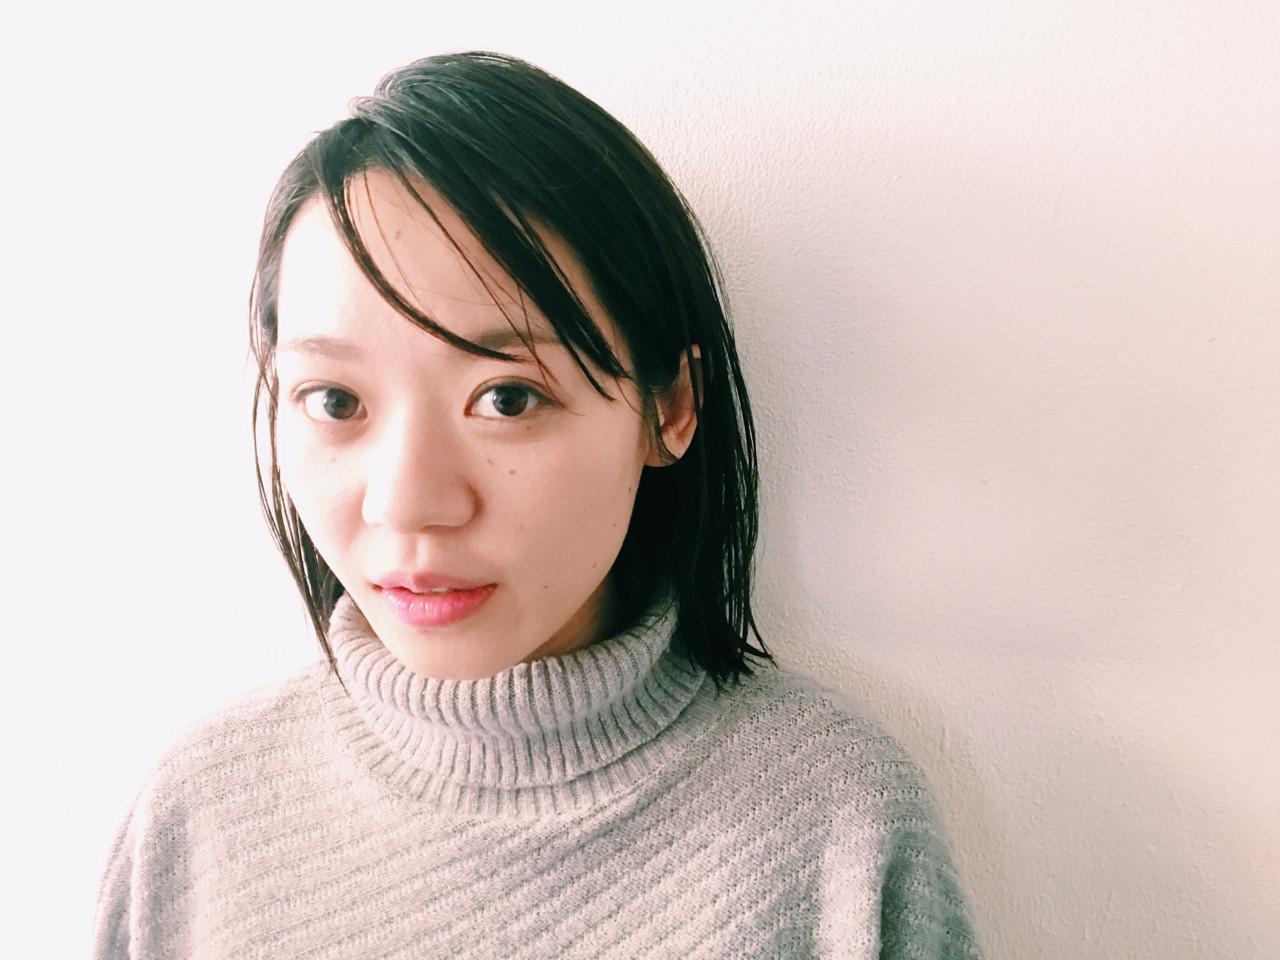 ナチュラル アッシュ 暗髪 透明感 ヘアスタイルや髪型の写真・画像 | 長 賢太郎 / ky-go